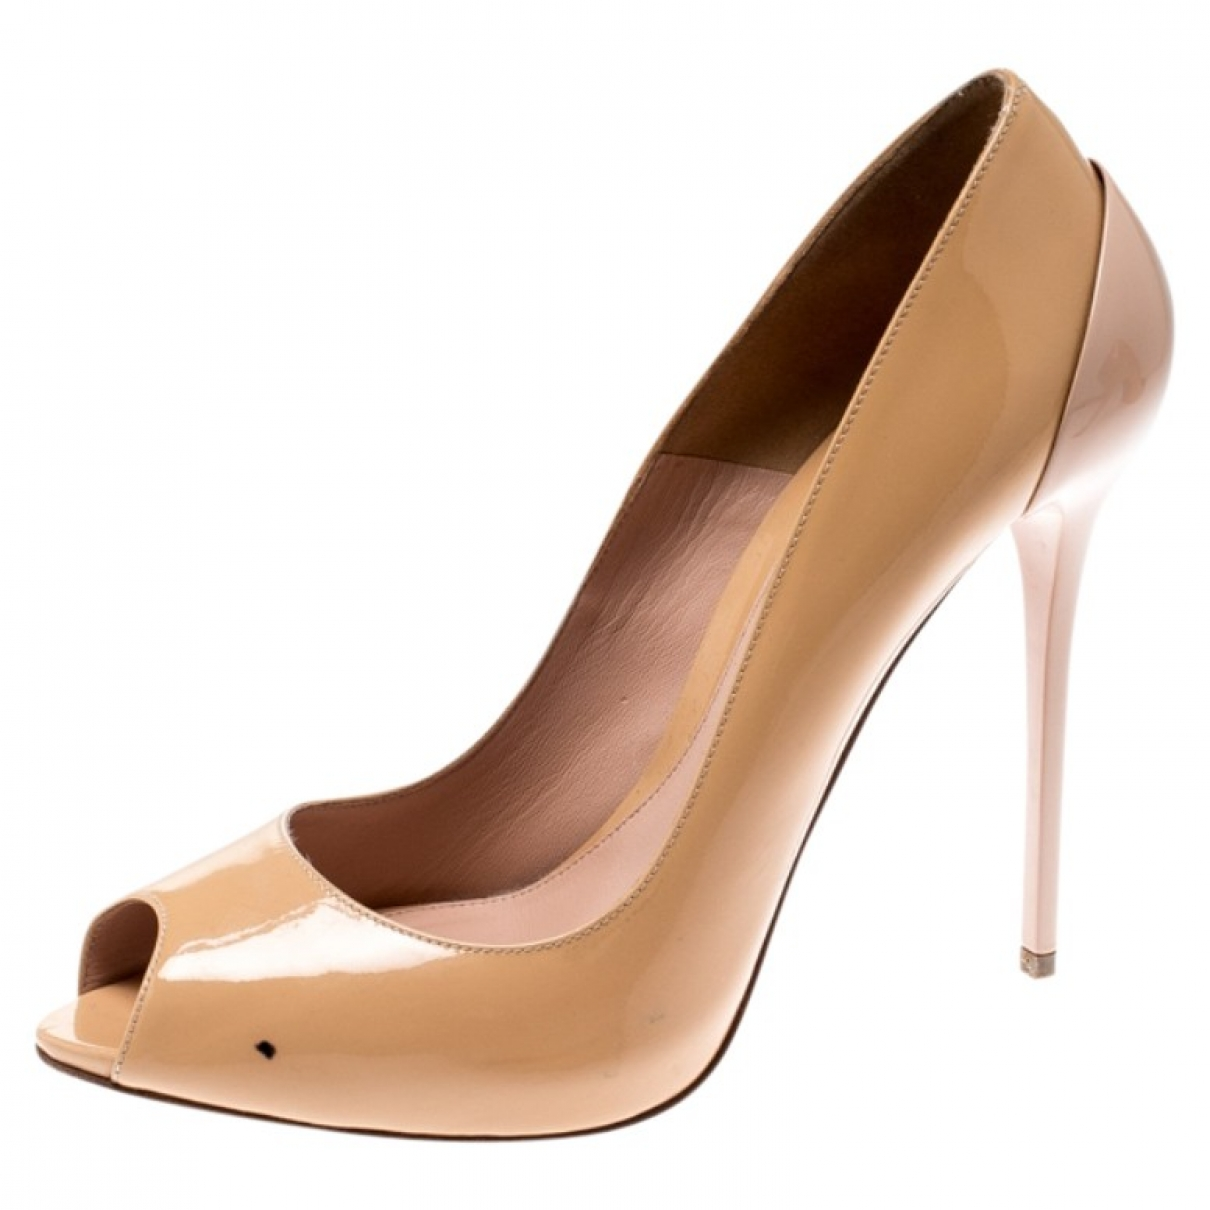 Alexander Mcqueen \N Beige Patent leather Heels for Women 38 EU